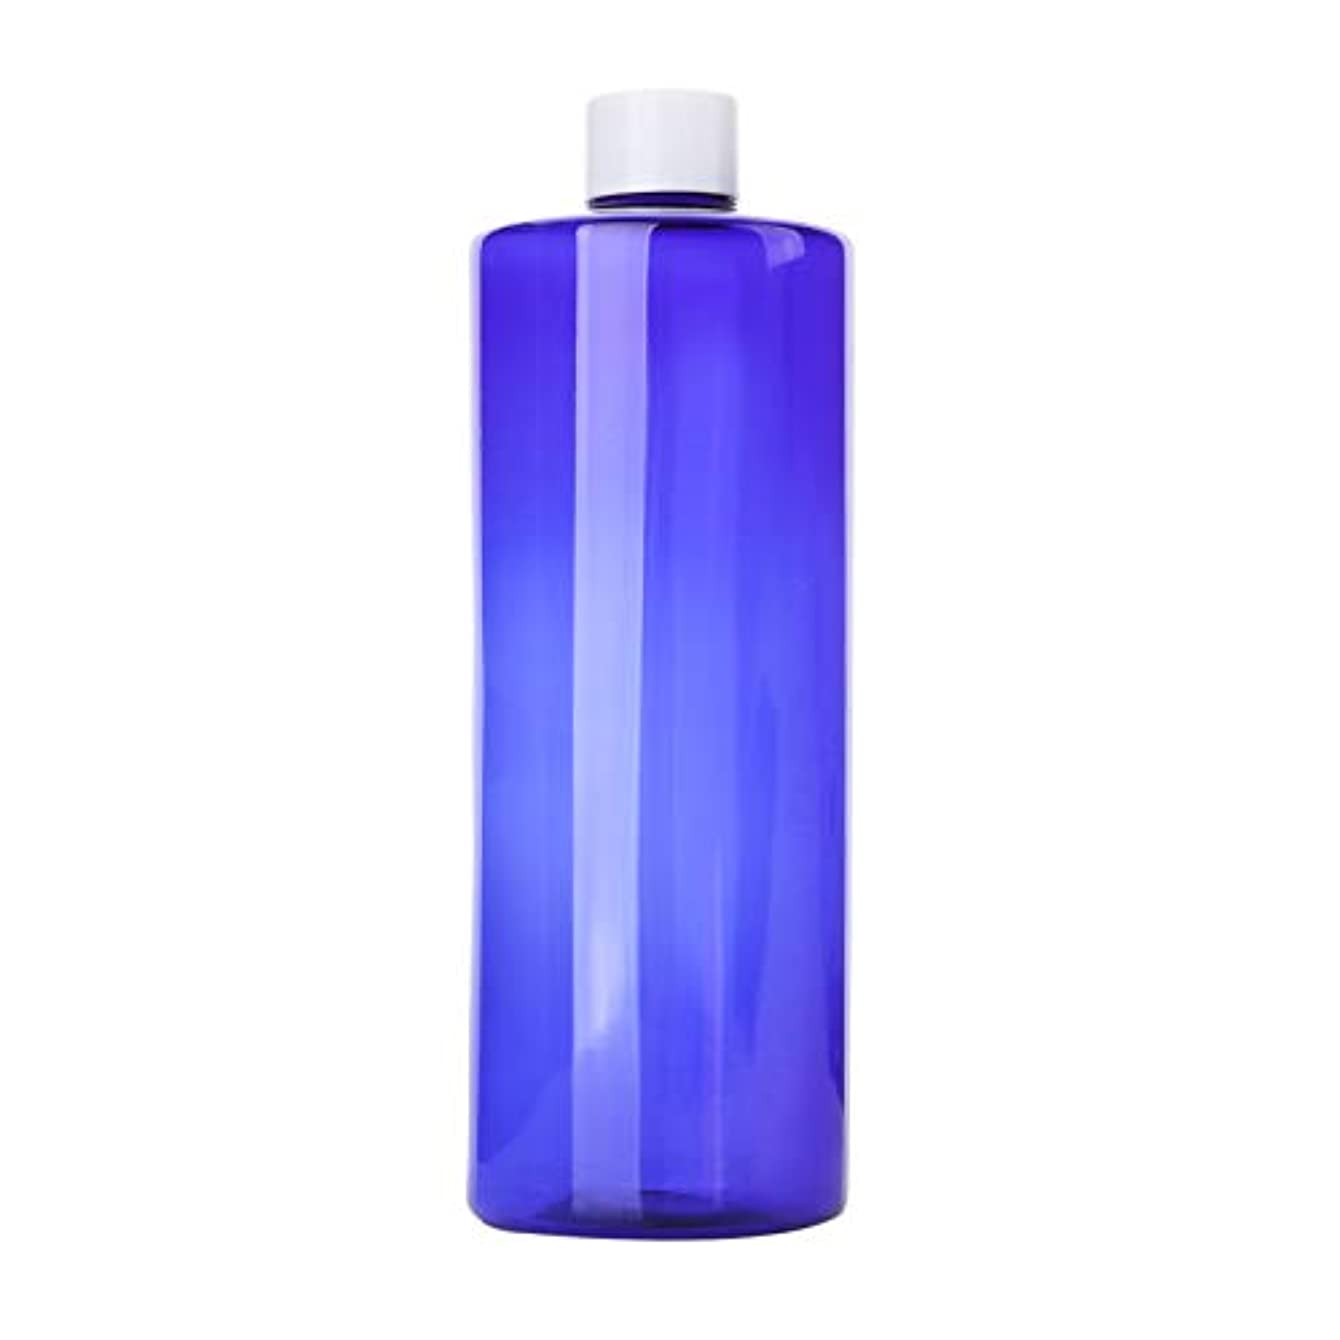 呼吸する乳に沿って1本 化粧品用 詰め替えボトル 詰め替え容器 大容量 500ml 中栓付き 使いやすい 化粧水用 シャンプー クリーム 貯蔵用 携帯用 空容器 おしゃれ 白ヘッド ブルー